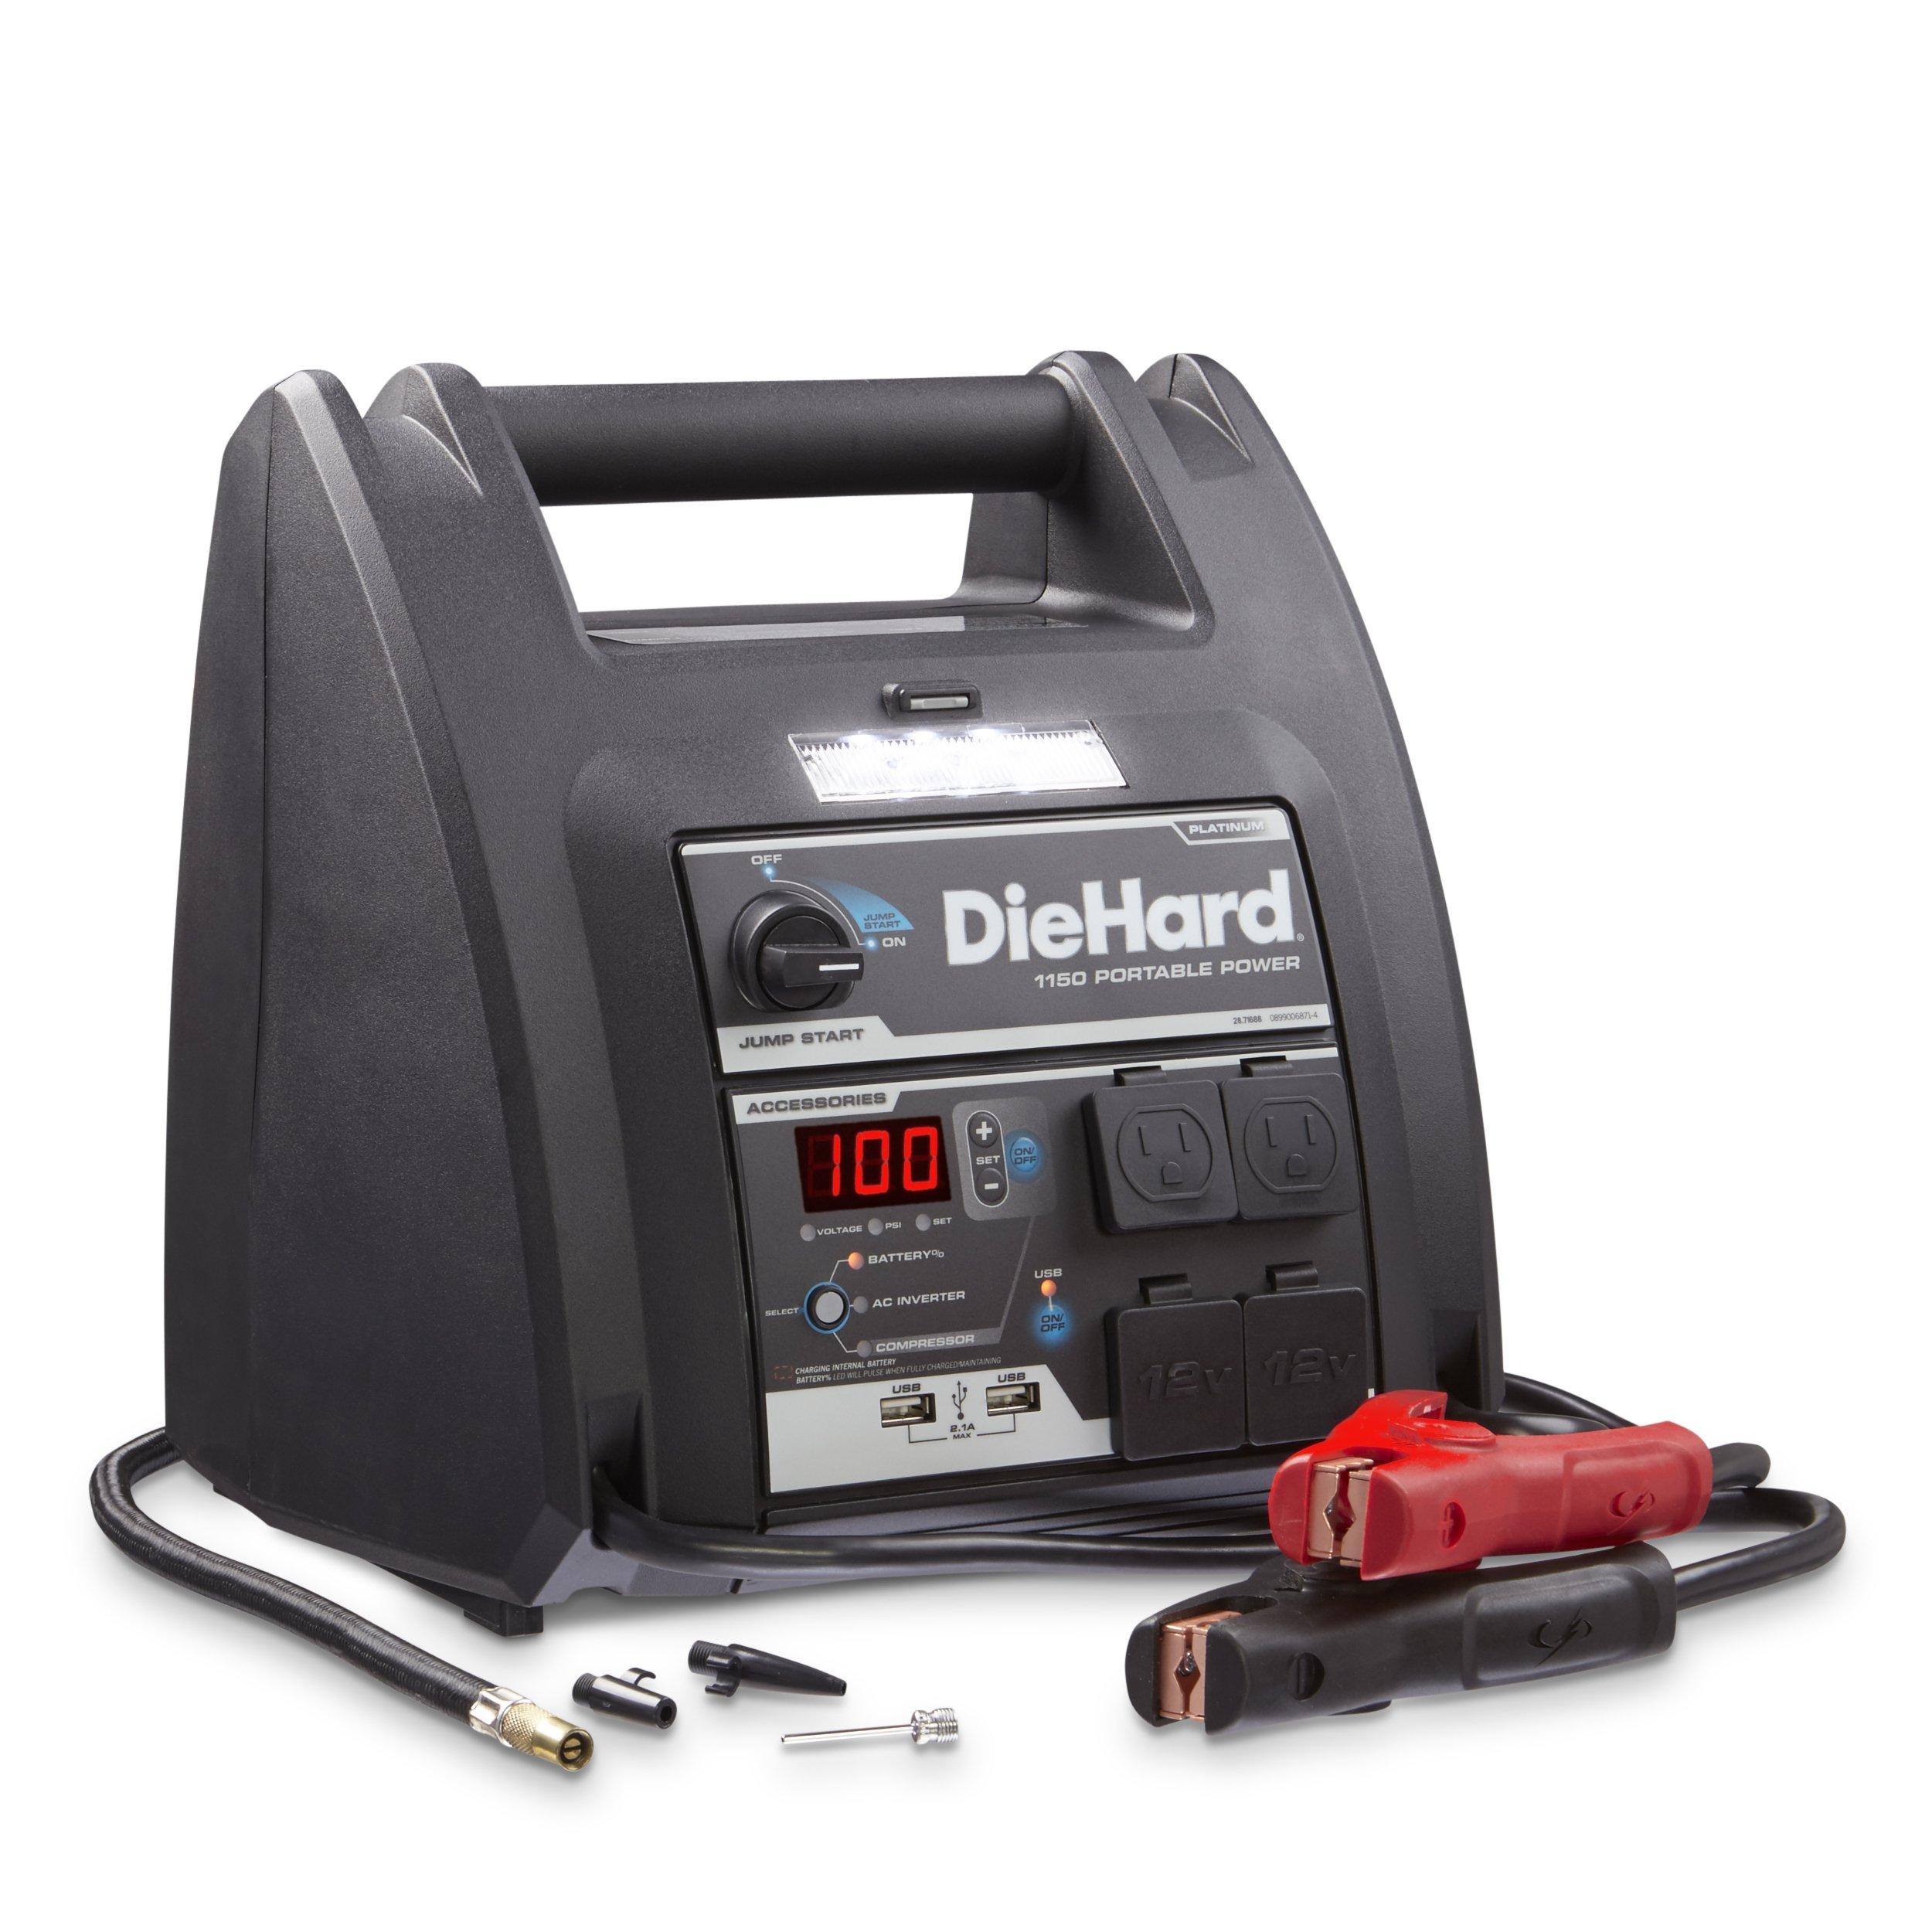 DieHard 1150